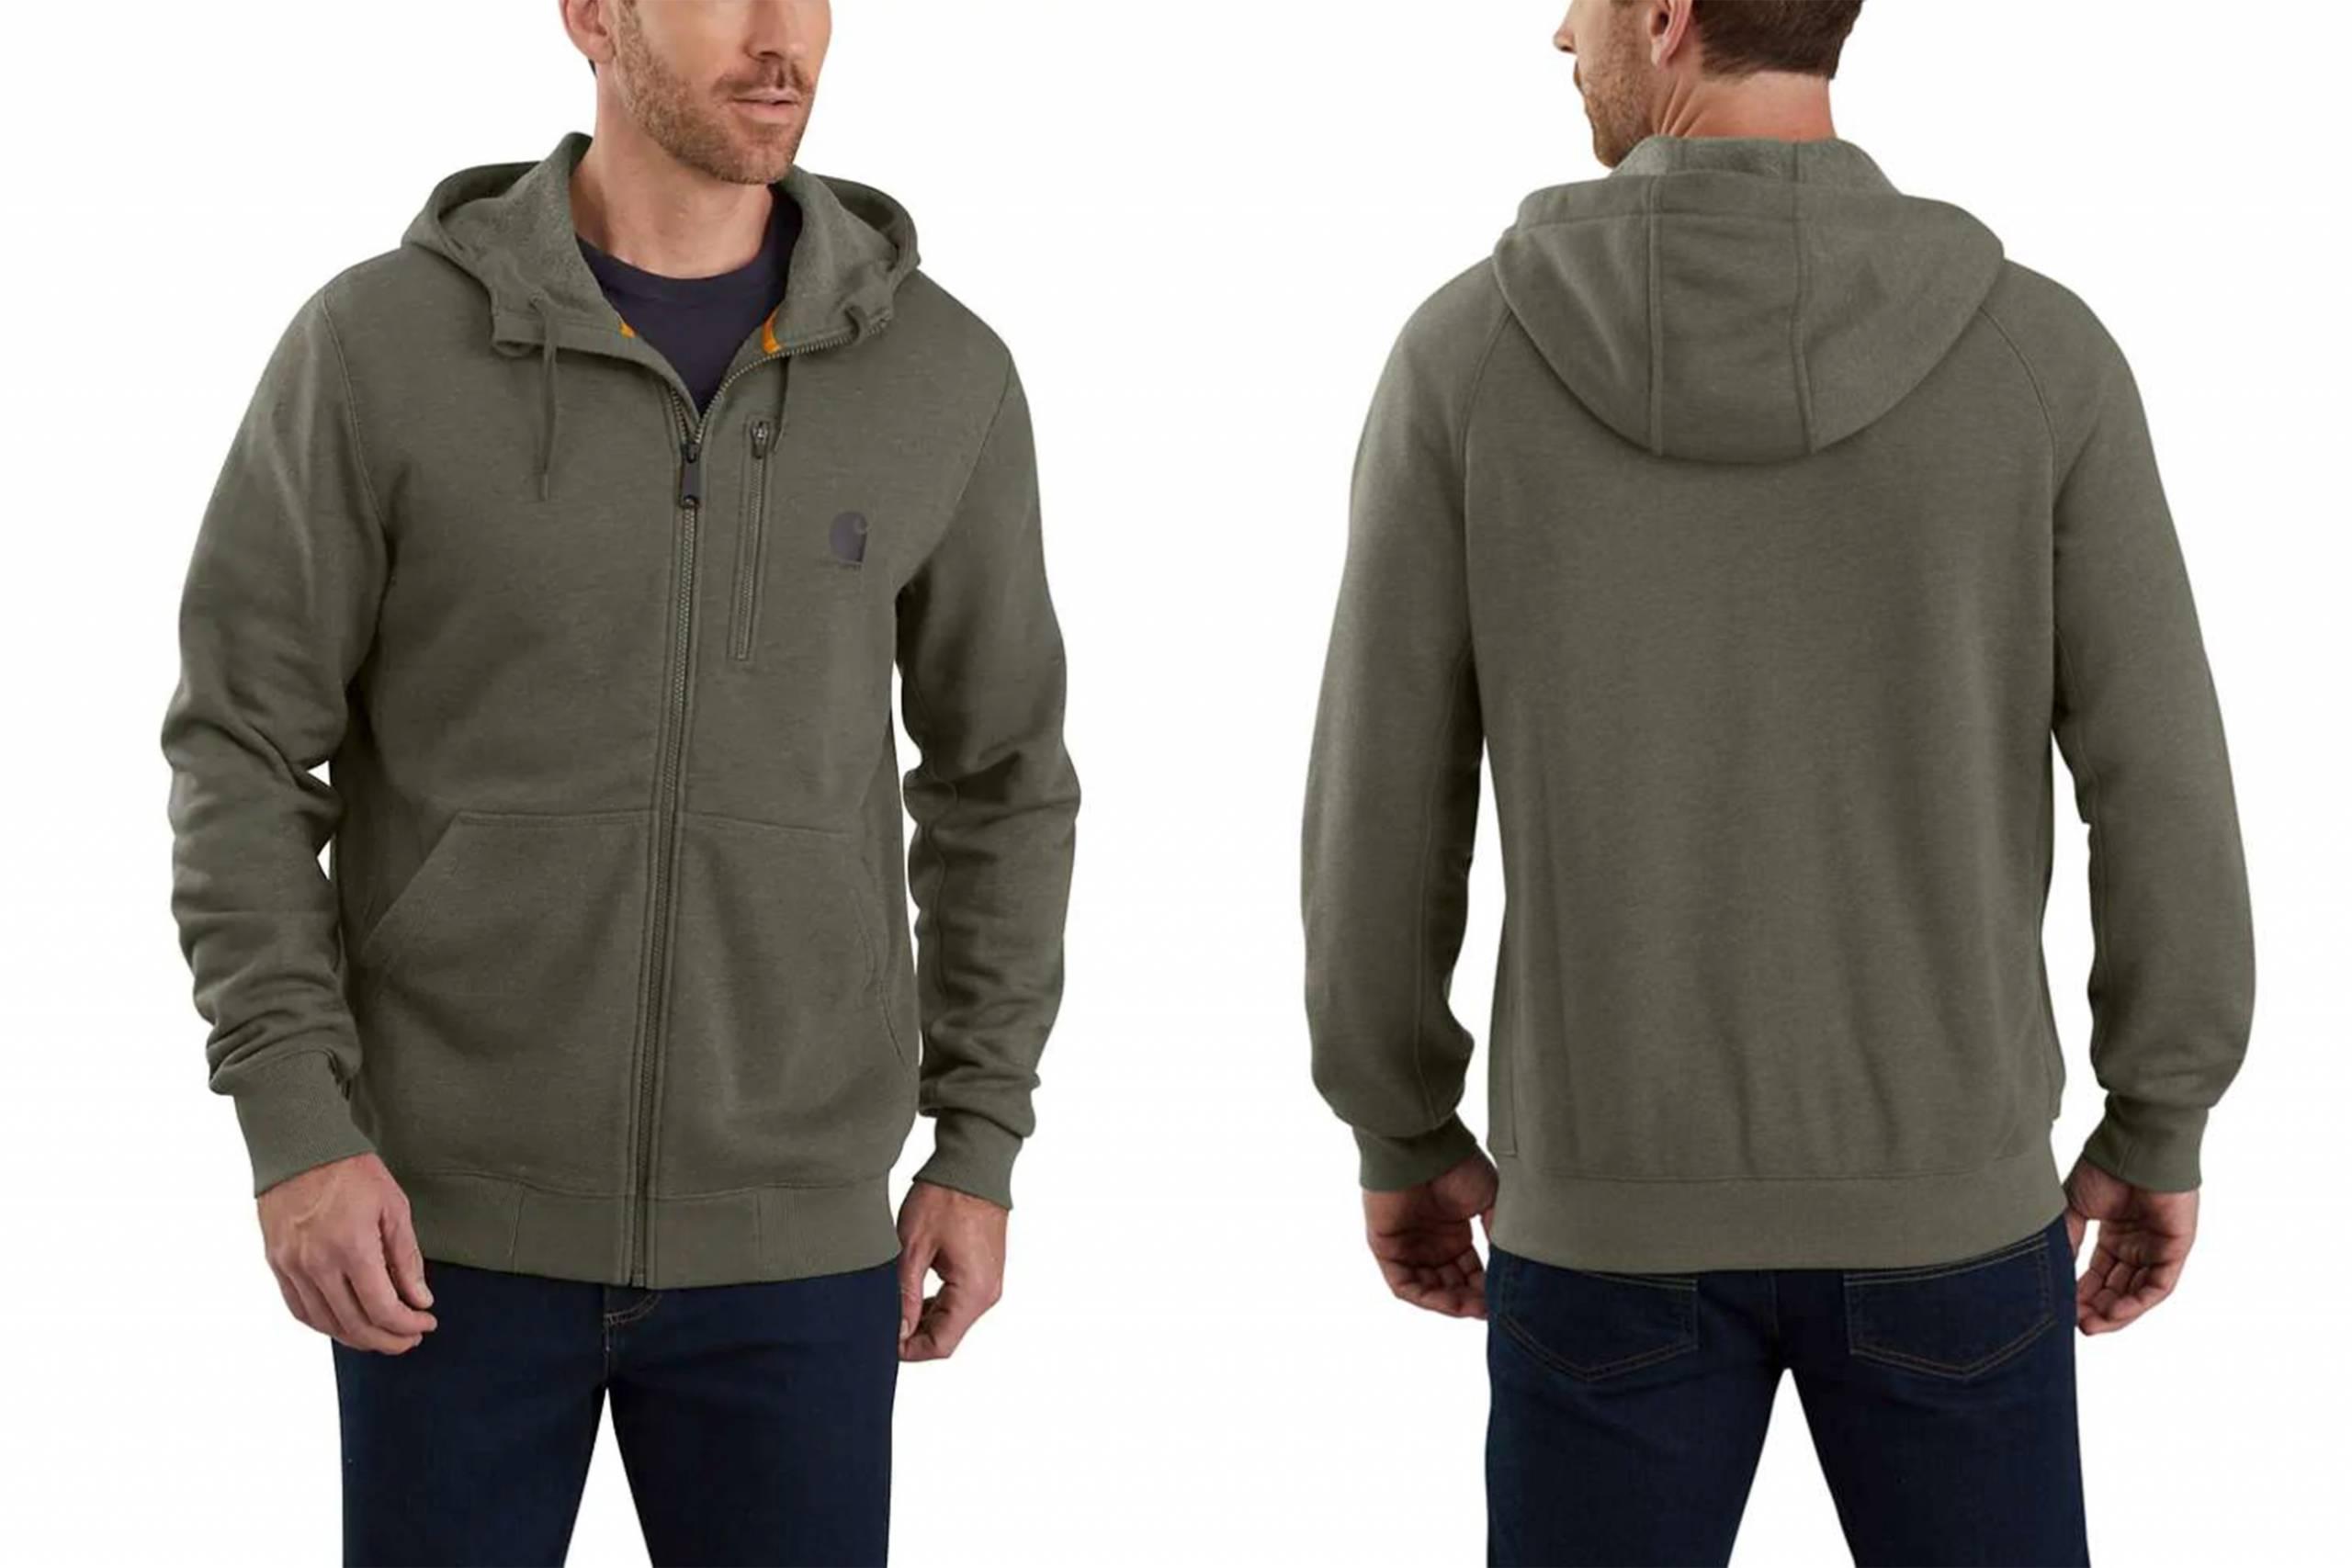 carhartt-delmont-force-hooded-sweatshirt